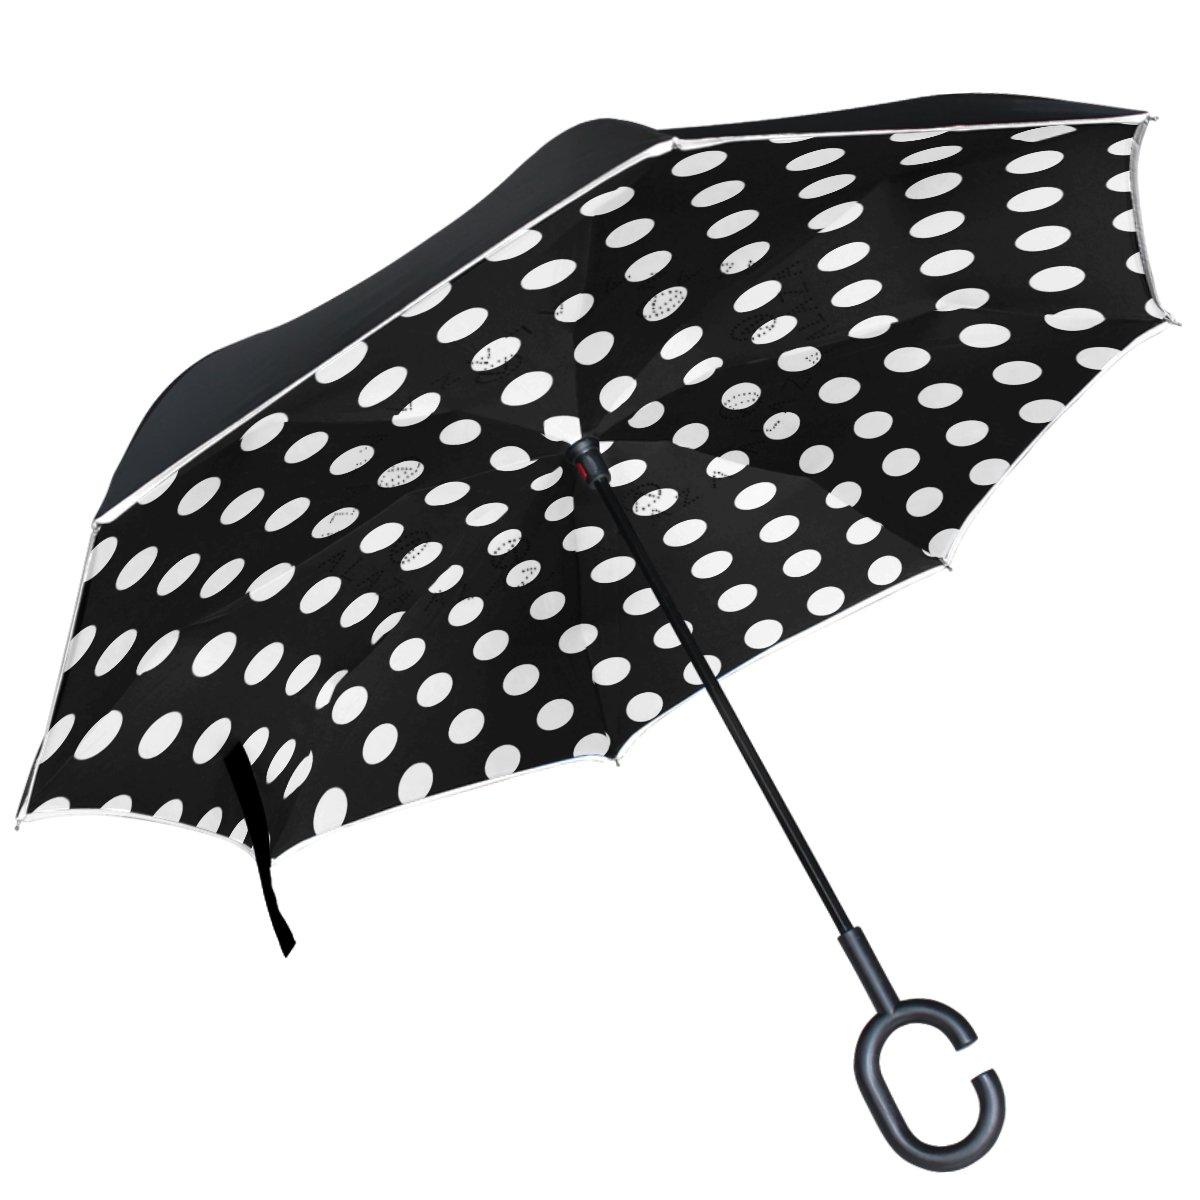 ALAZA (piel), diseño de lunares, color blanco y negro puede paraguas paraguas plegable de doble capa resistente al viento Reverse para coche con mango de ...